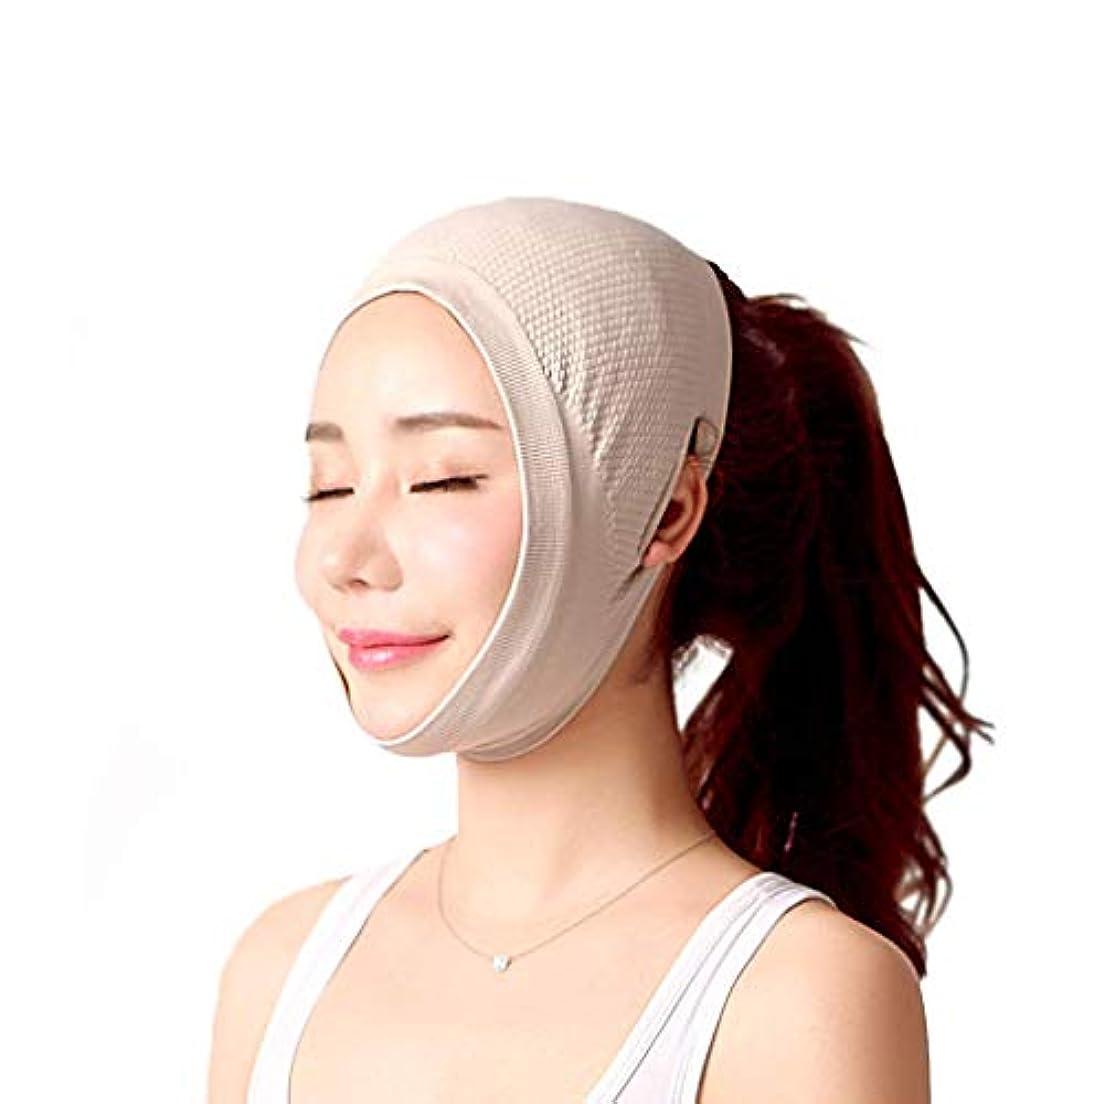 狂気採用する判決顔痩身包帯、二重あご、二重あごを減らすために顔を持ち上げる、顔を引き締める、体重を減らすためのマスク(ワンサイズ)